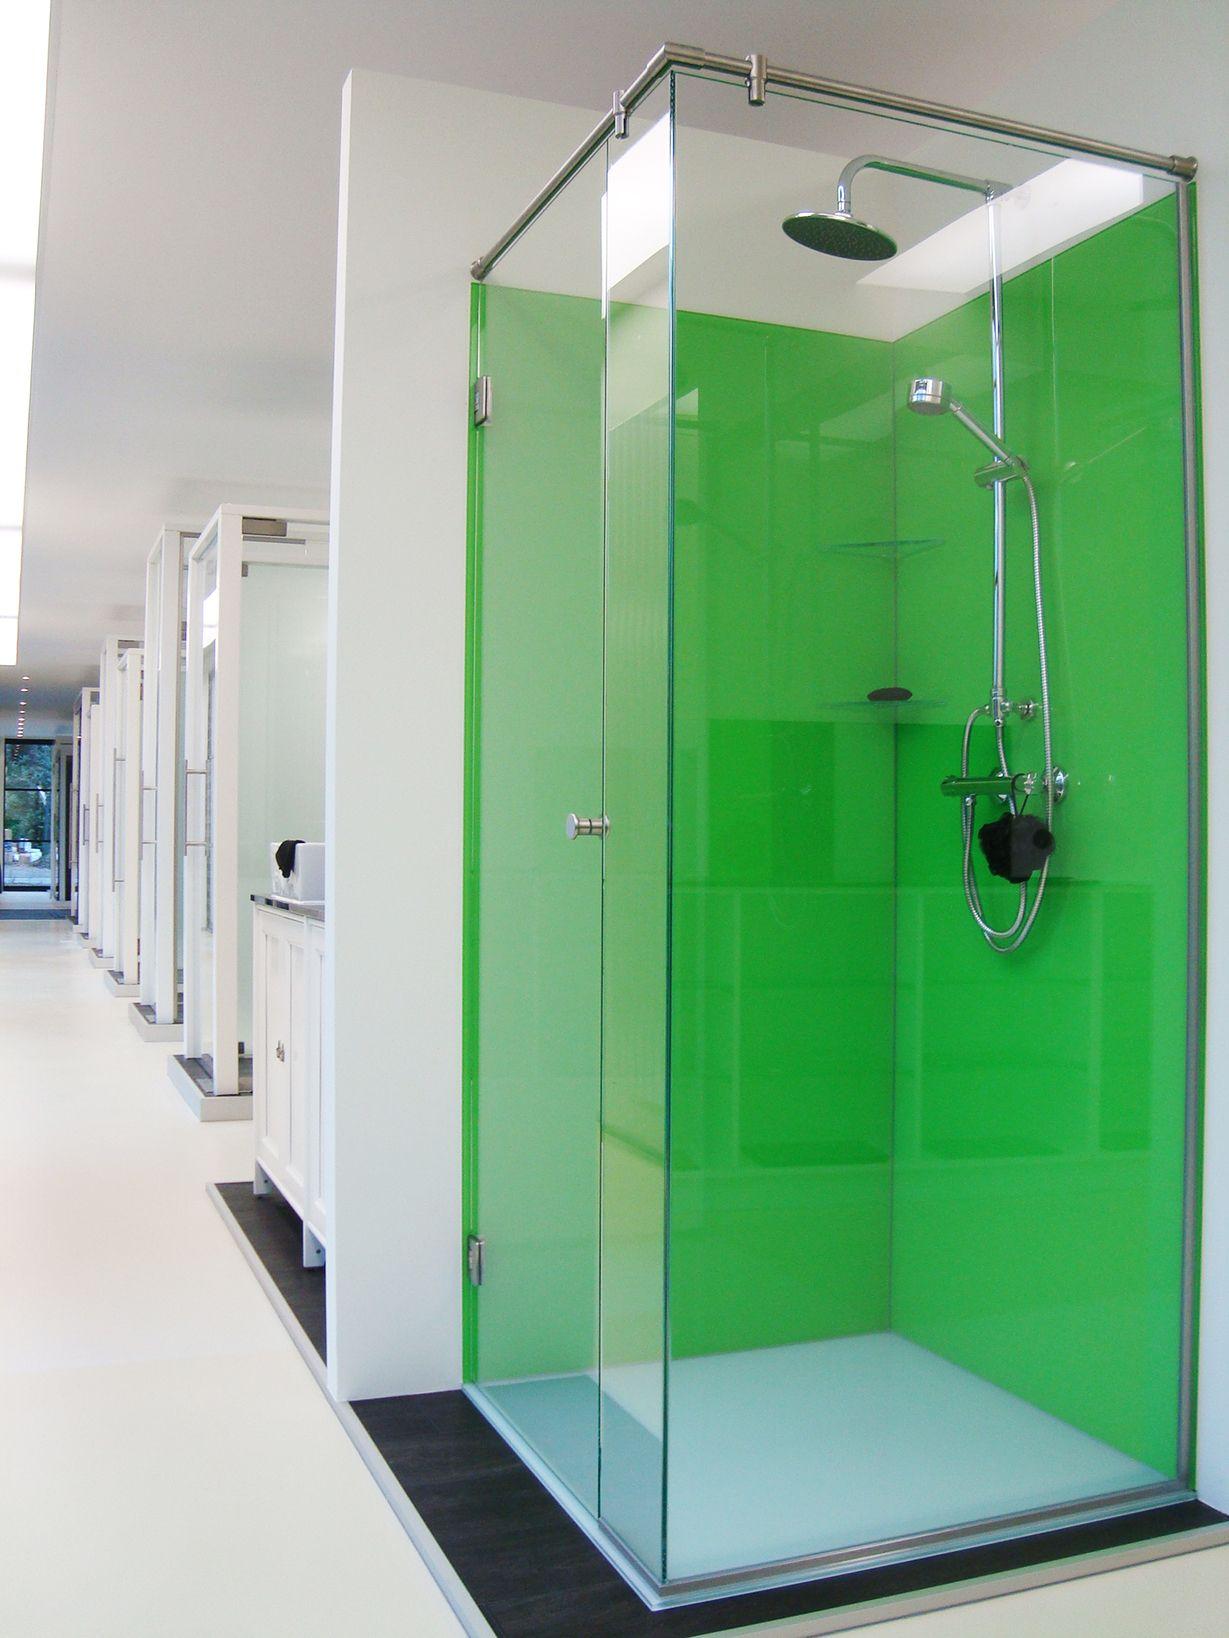 glazen douche achterwand gelakt in groene kleur met douche